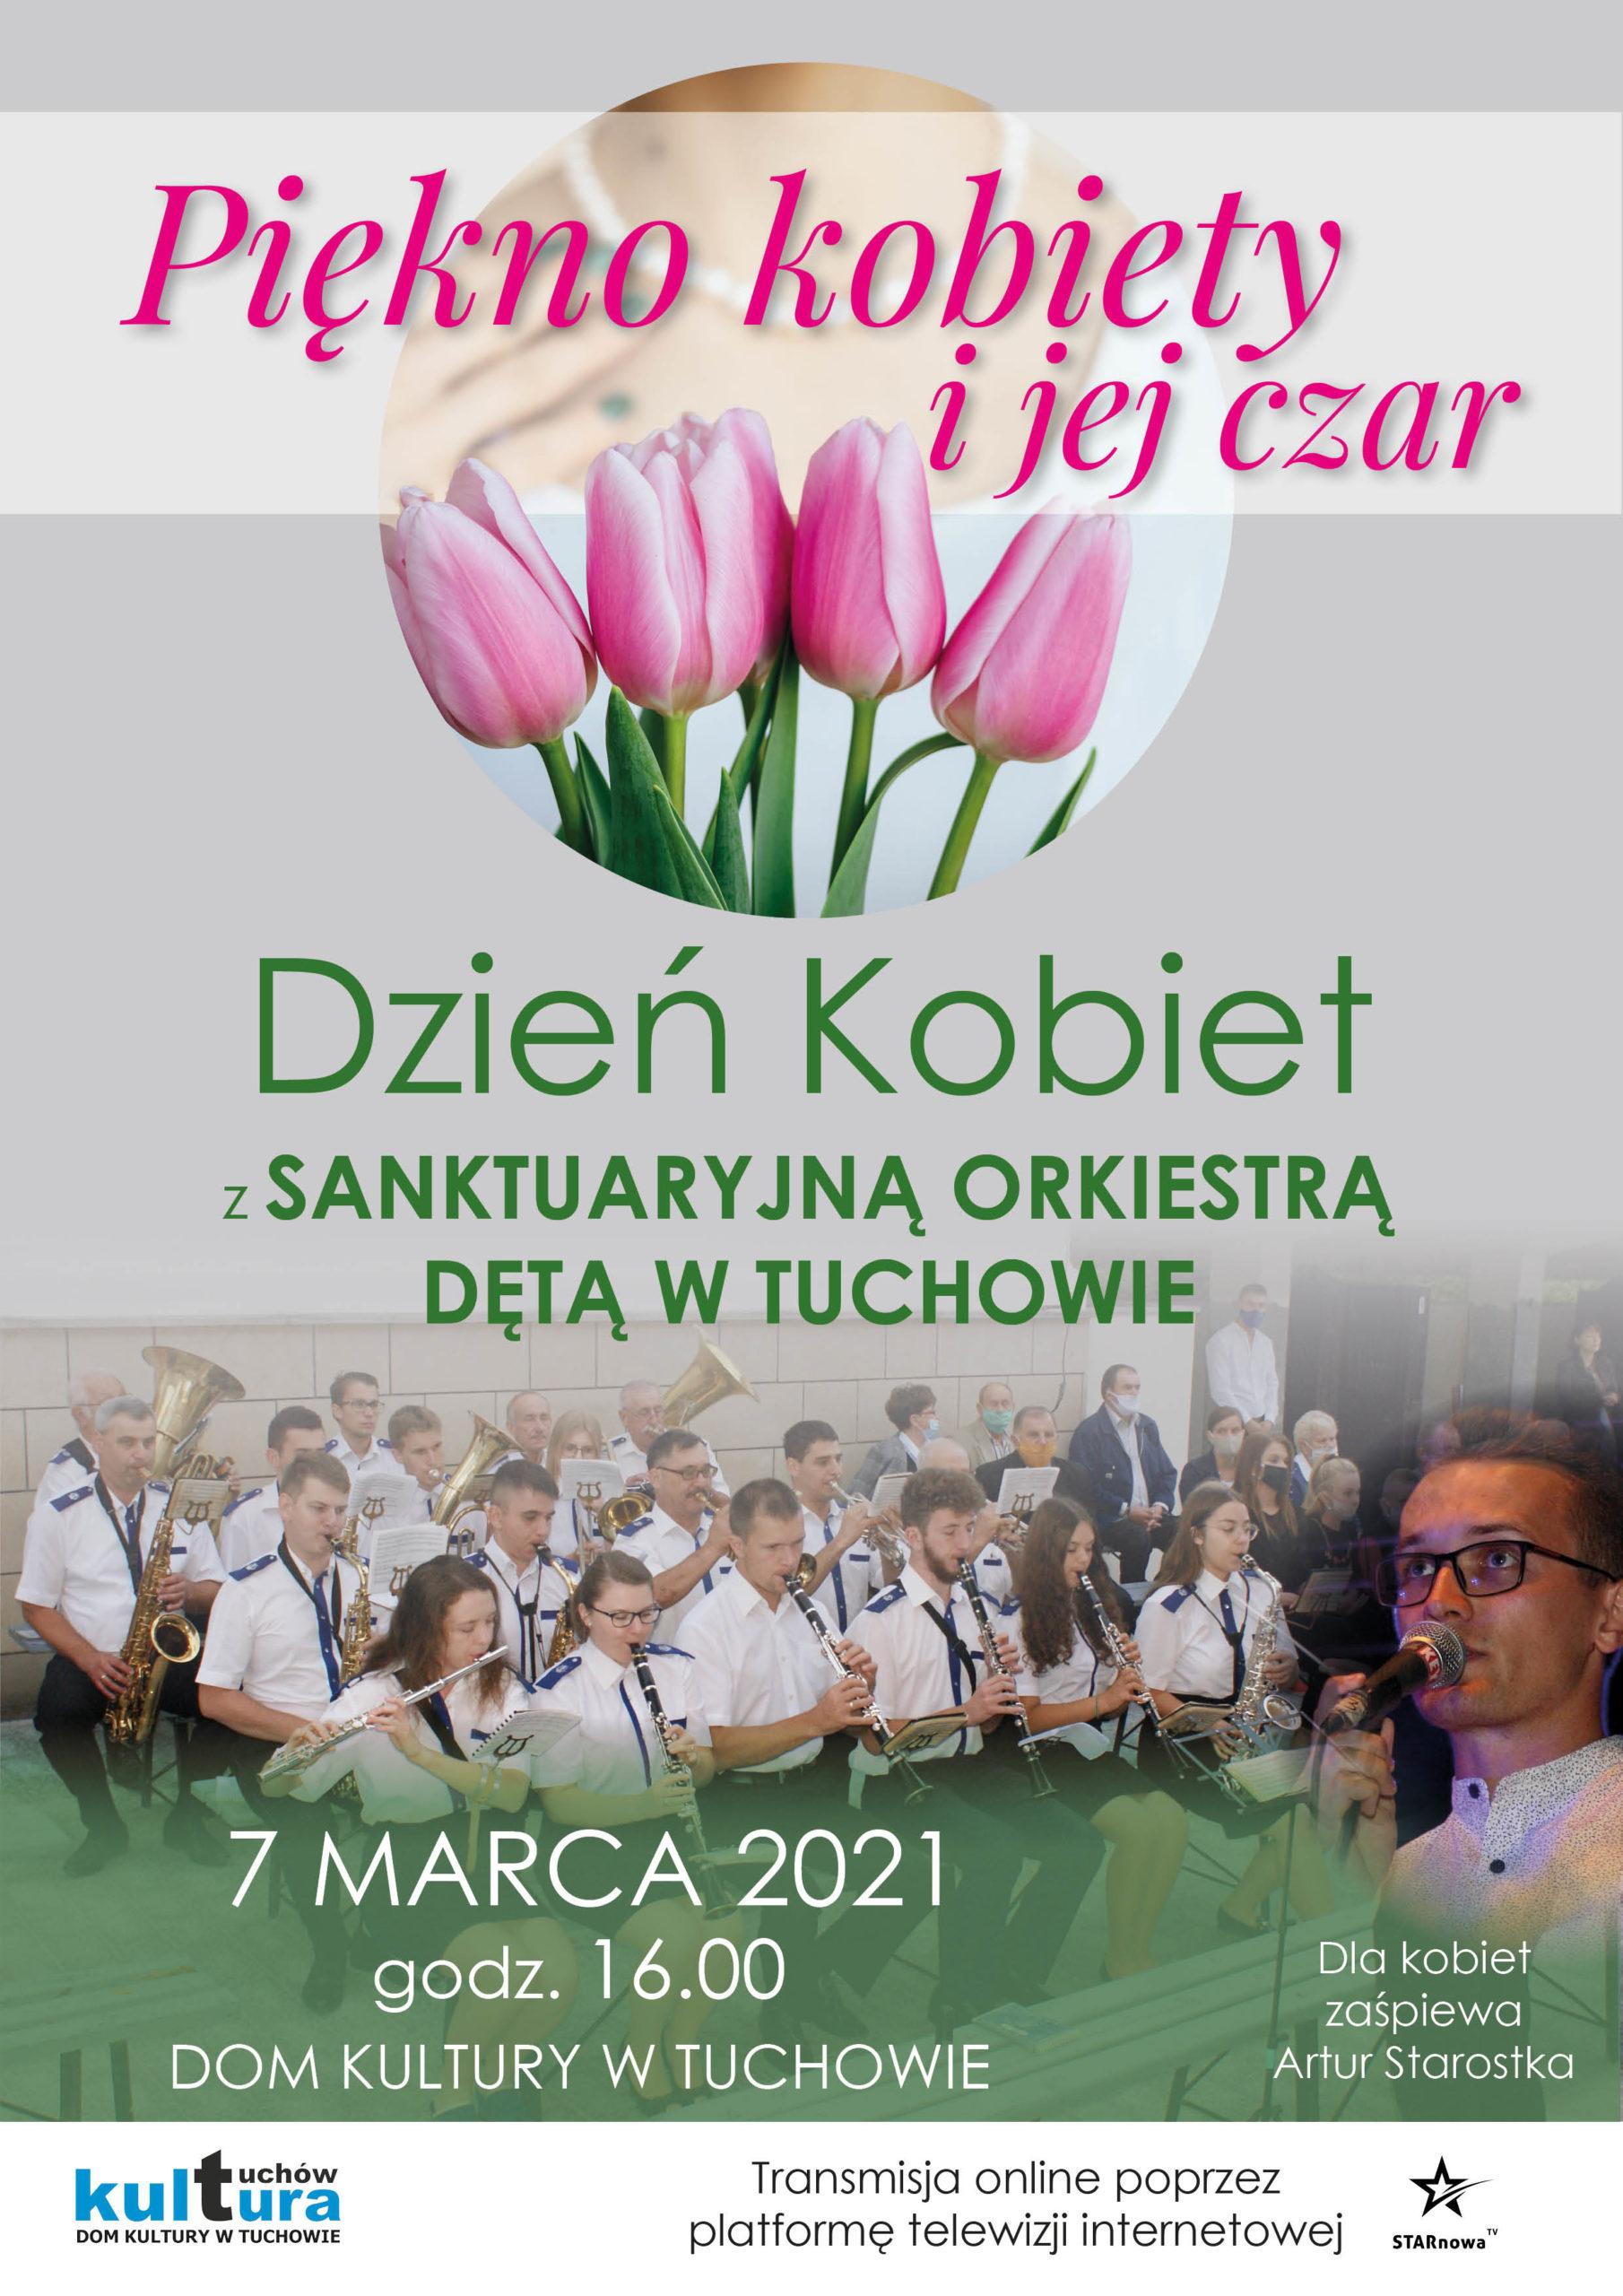 Dzień Kobiet z Sanktuaryjną Orkiestrą Dętą w Tuchowie